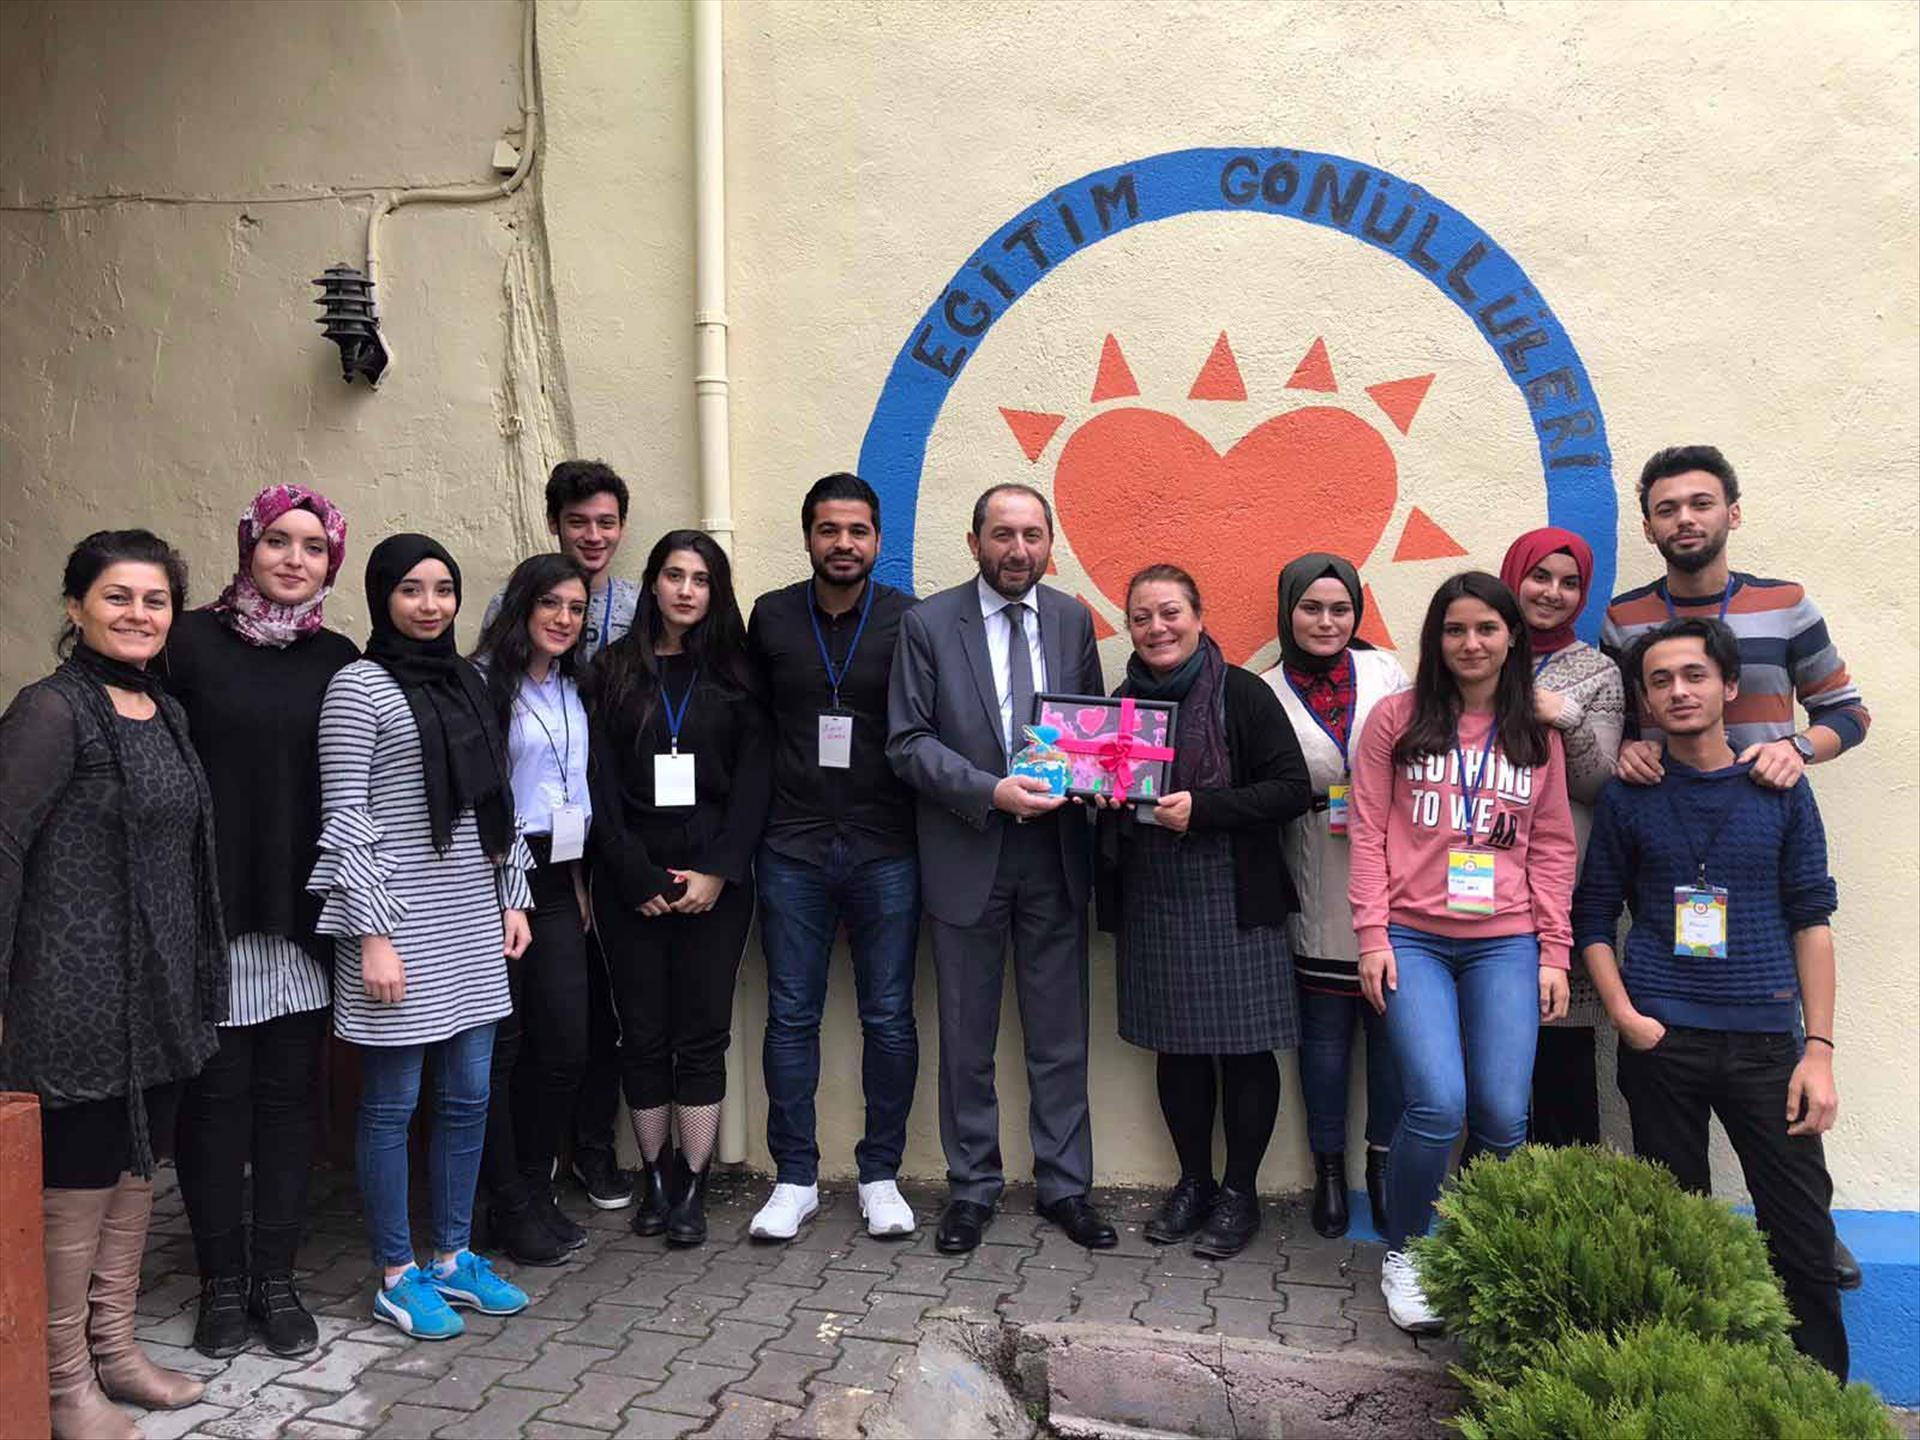 Rektörümüz Türkiye Eğitim Gönüllüleri Vakfı'nı Ziyaret Etti